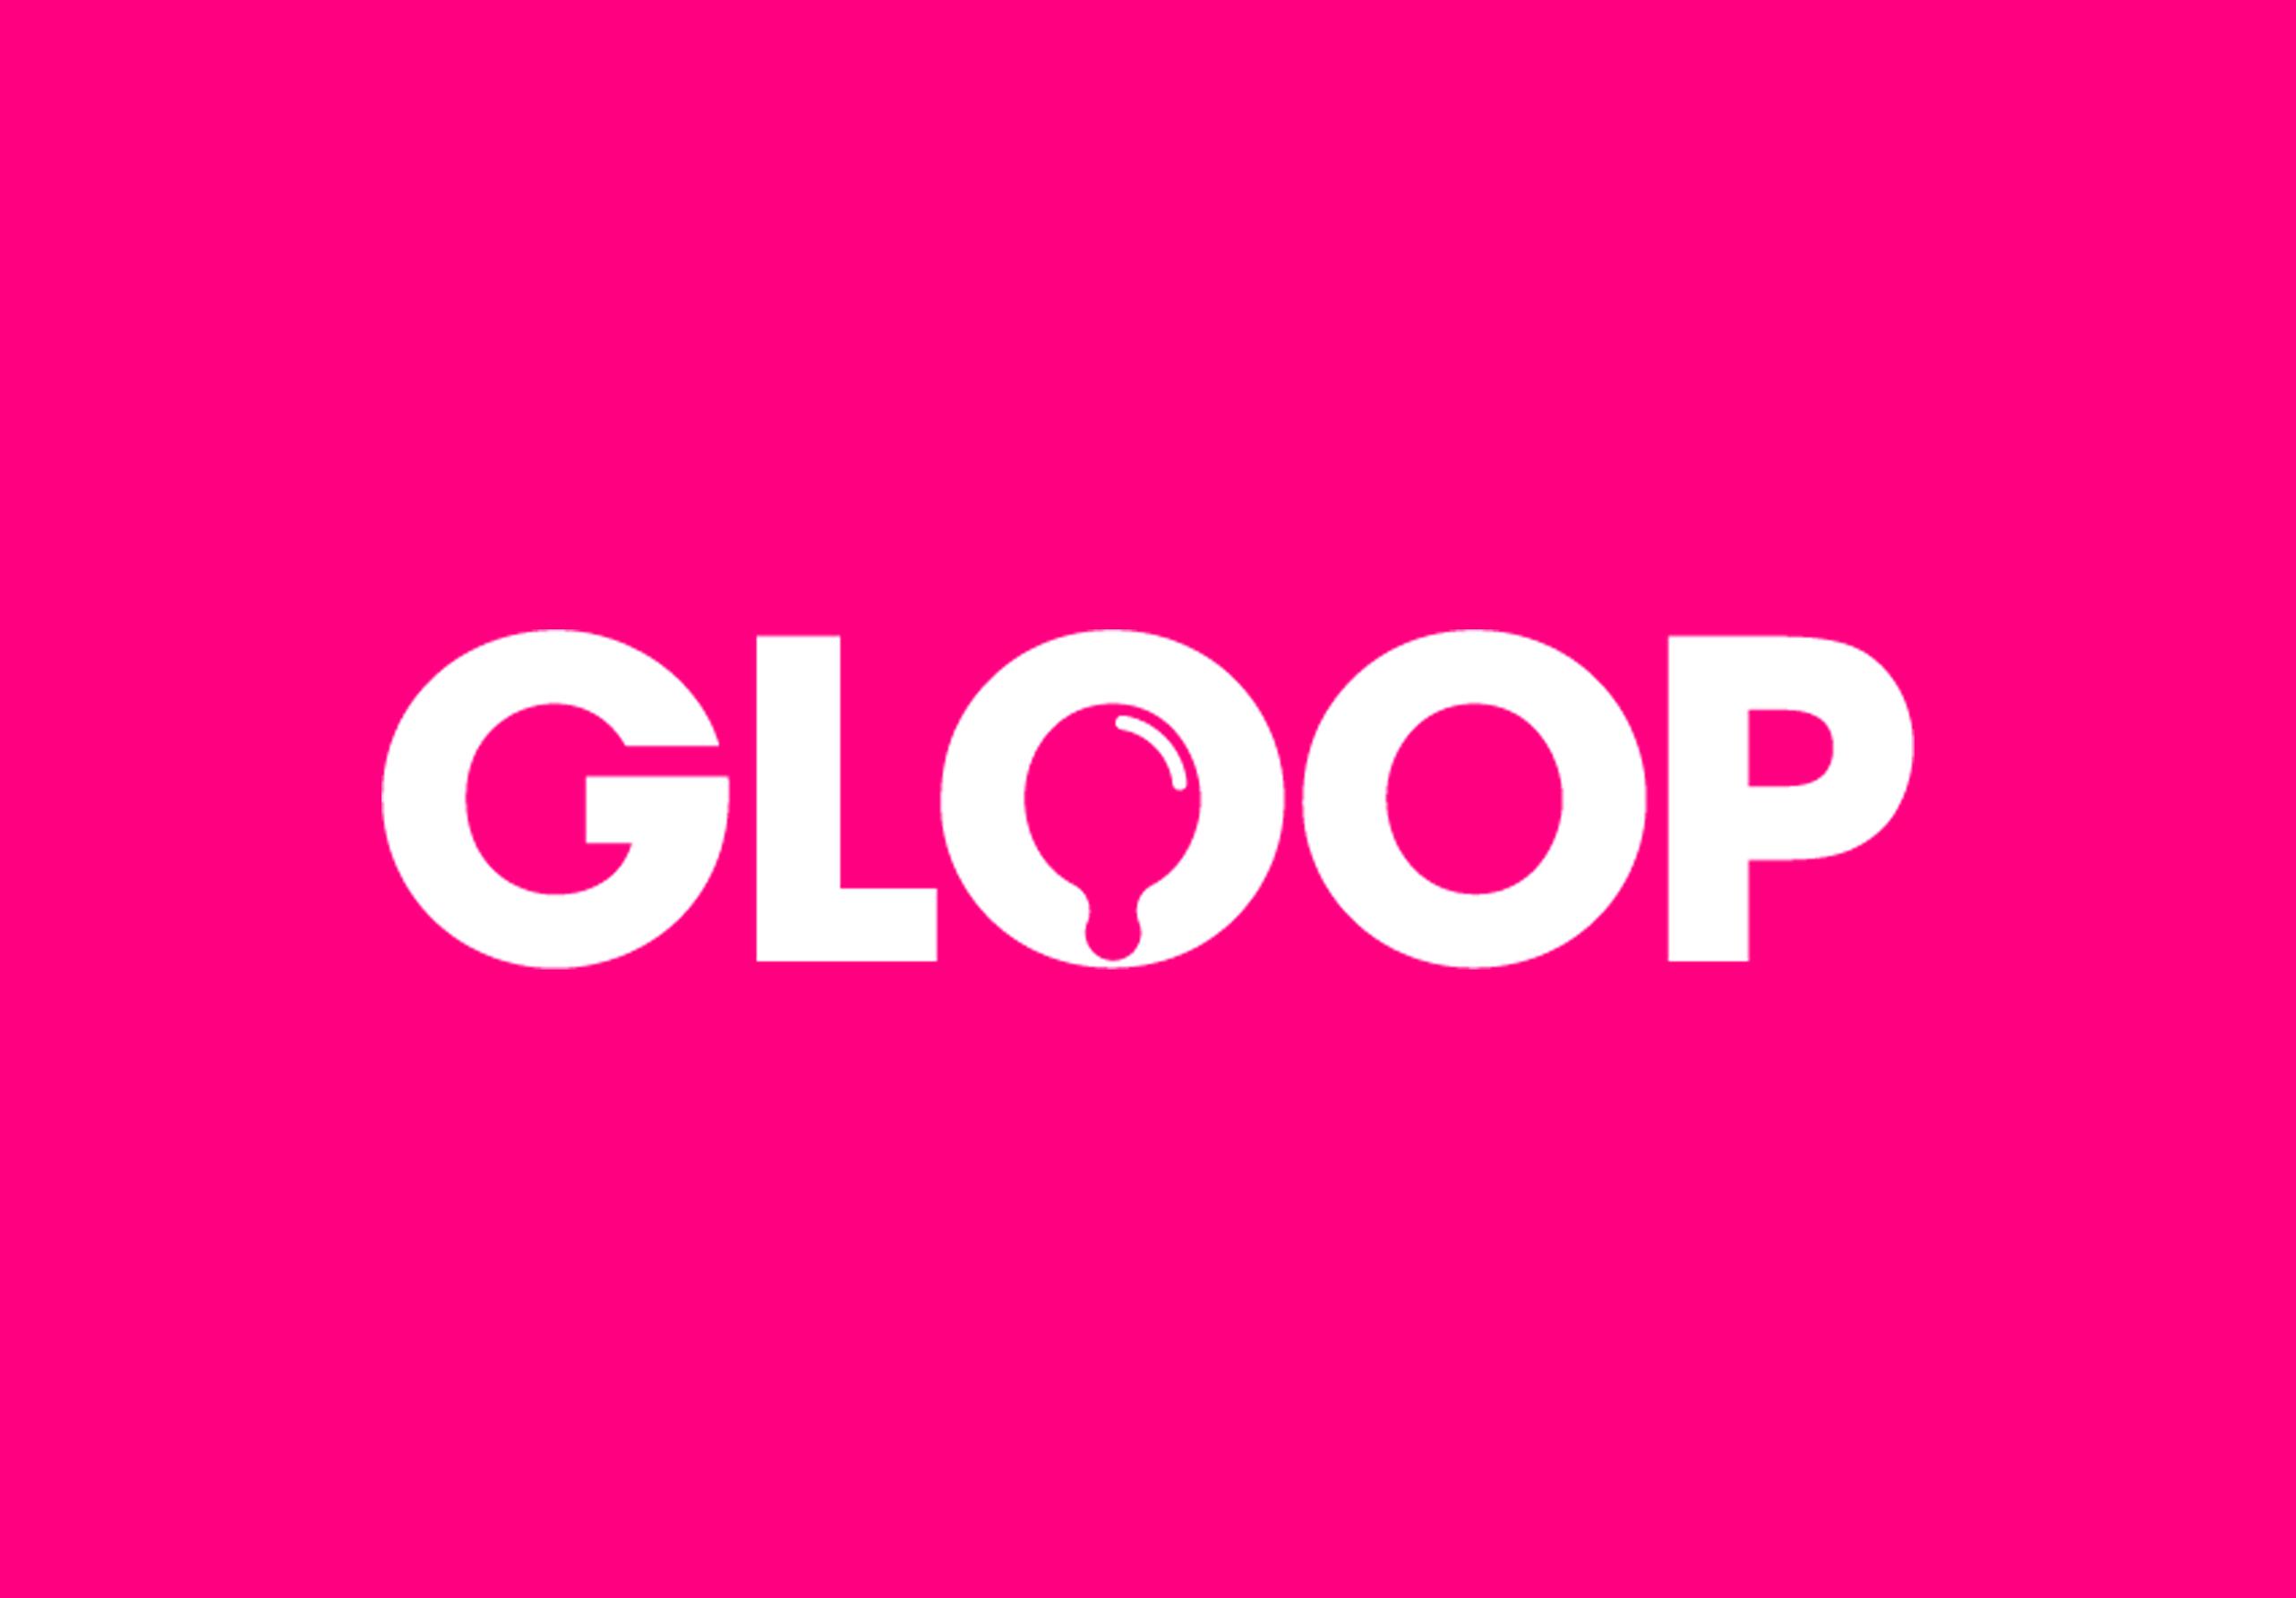 Gloop